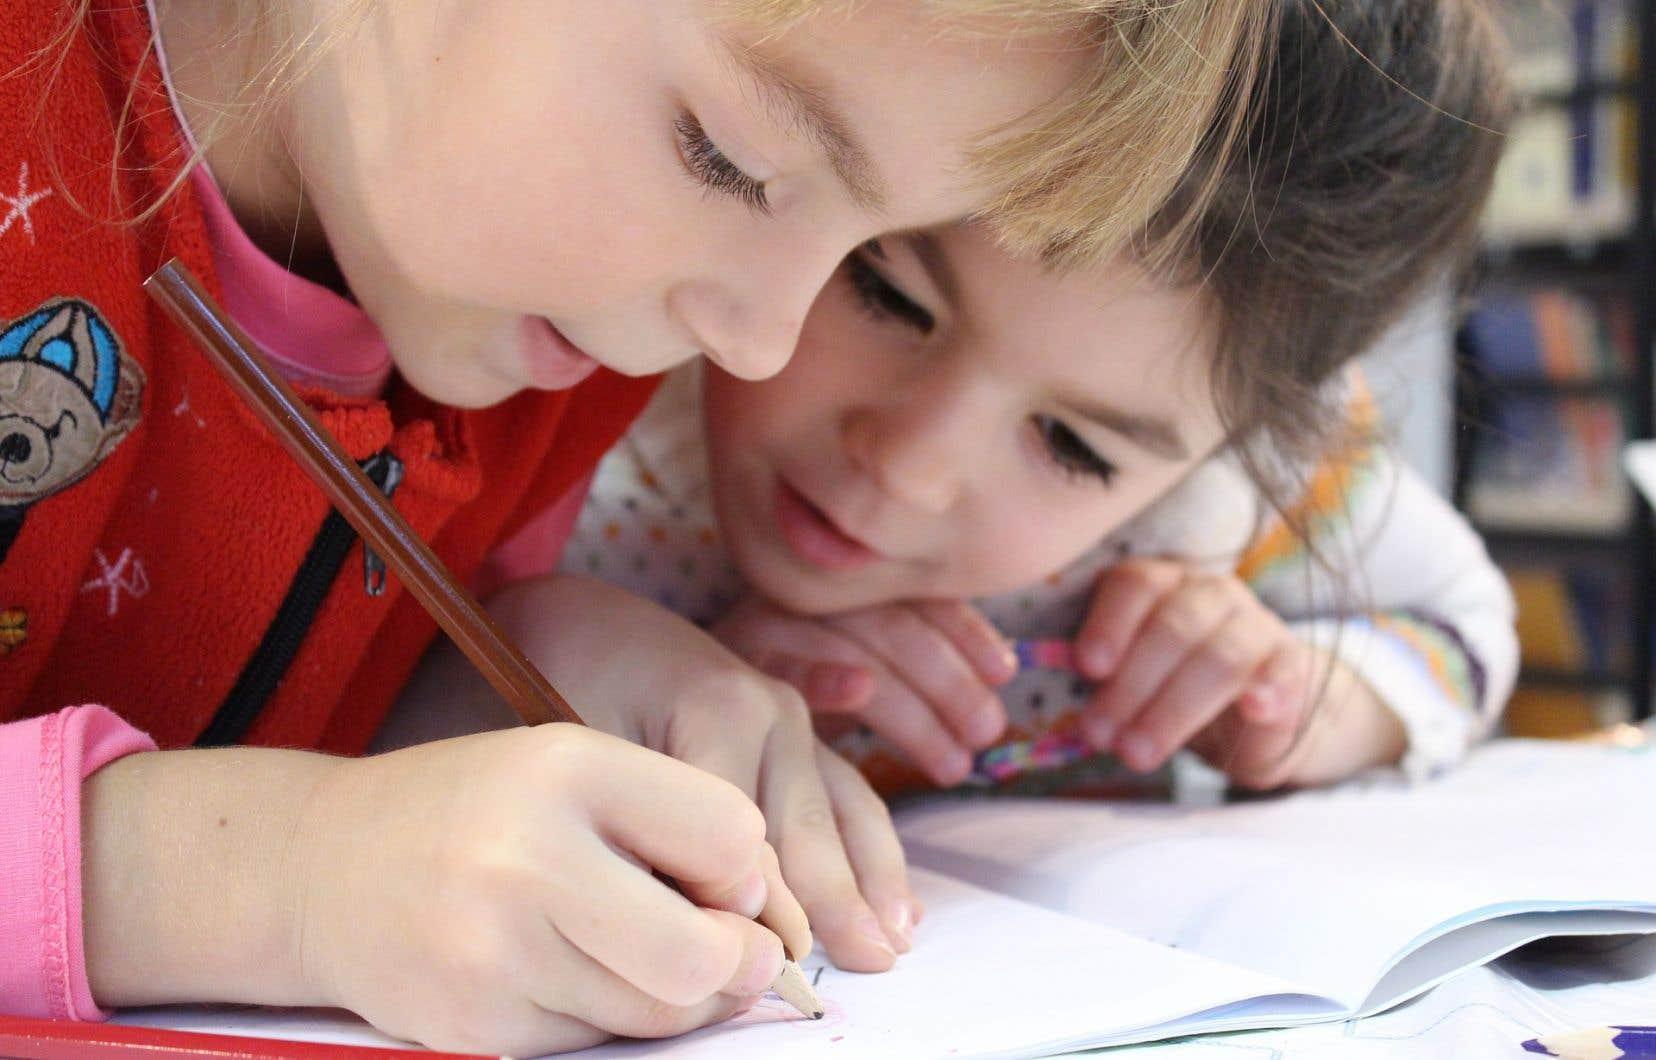 La distanciation physique entre enfants est impossible à faire respecter, considère l'autrice.